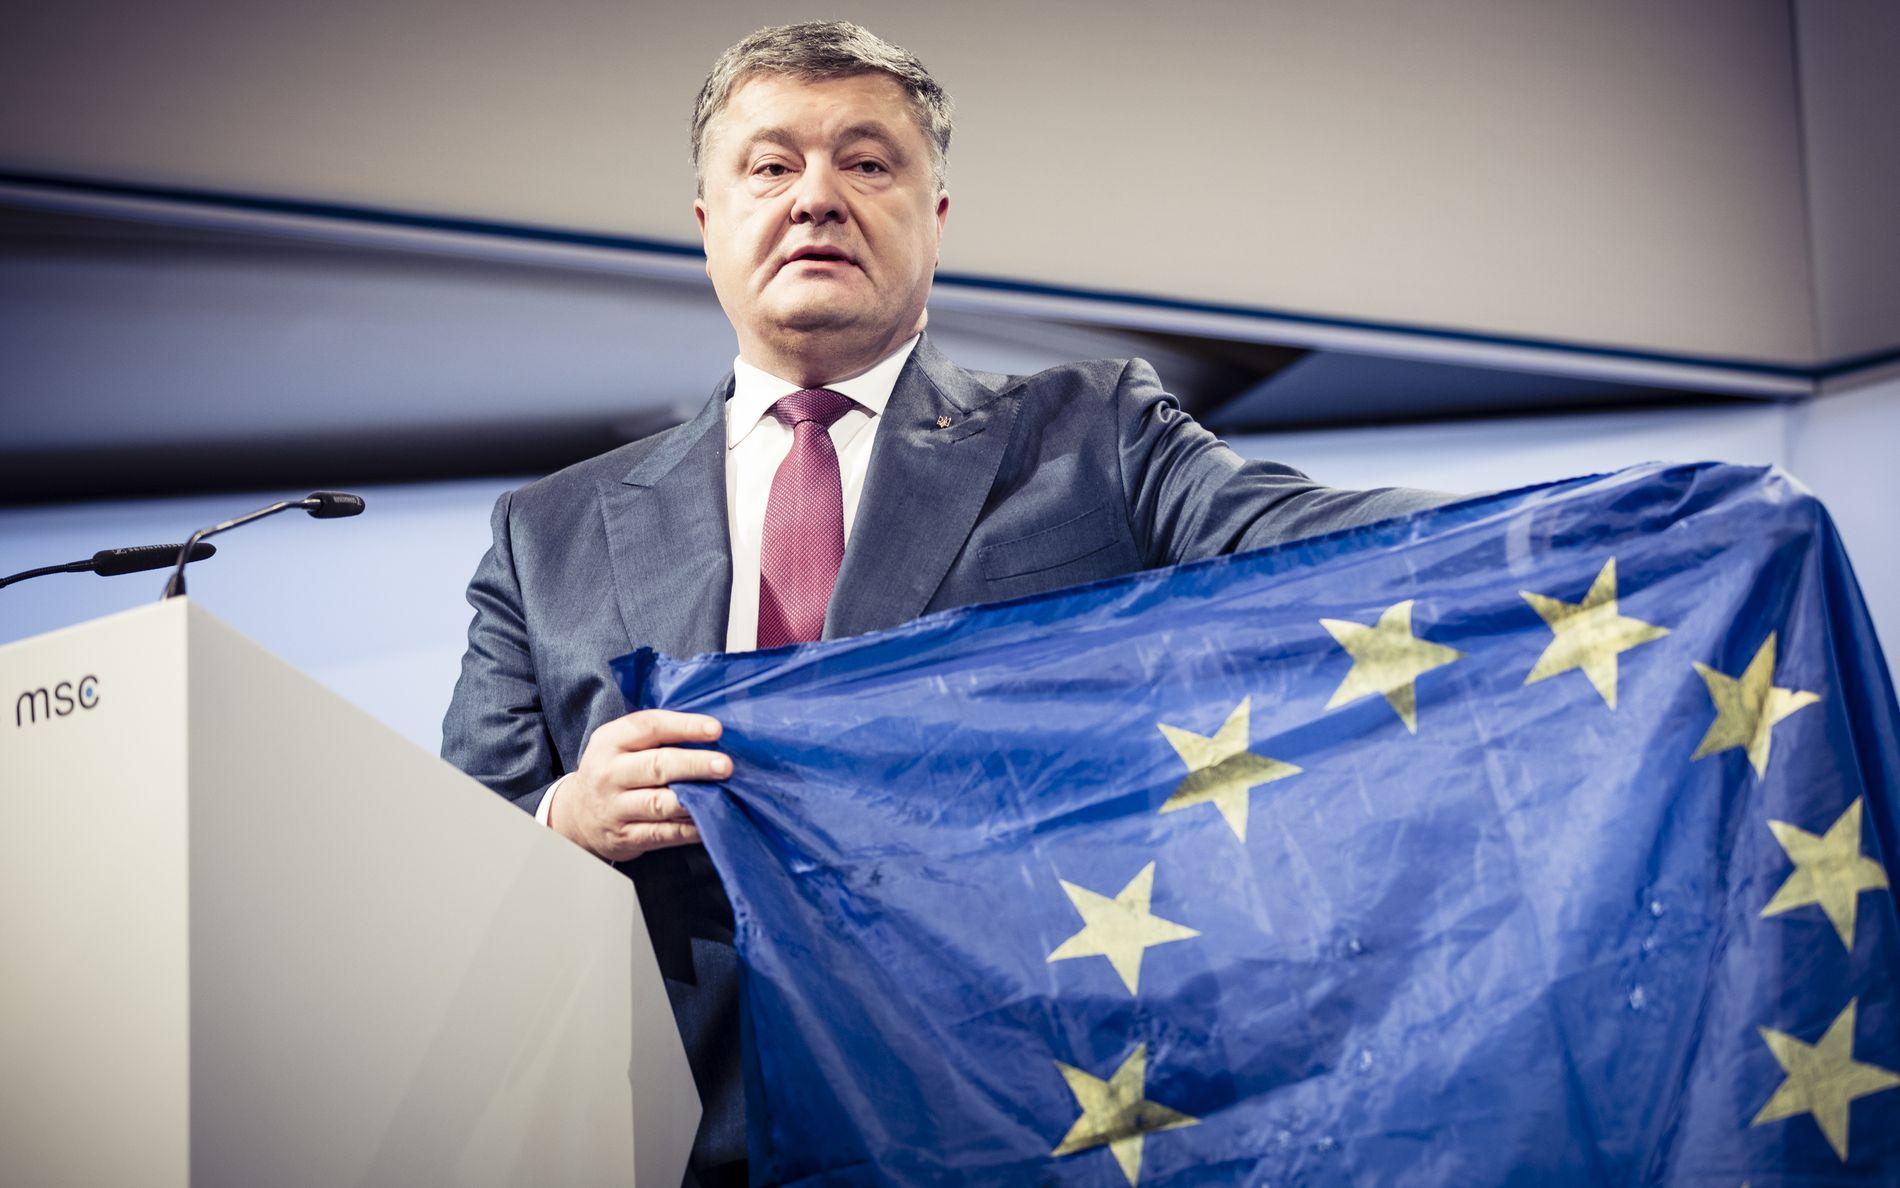 GJENNOMHULLET: Ukrainas president Petro Porosjenko viste frem et EU-flagg med kulehull fra frontlinjen i Øst-Ukraina. – Ikke gå glipp av sjansen til å bygge en mer rettferdig orden i Europa ved å støtte oss. Ved å forsvare Ukraina, forsvarer dere også deres egen suverenitet, territoriale integritet og uavhengighet, sa han til de 500 globale lederne på sikkerhetskonferansen i München.